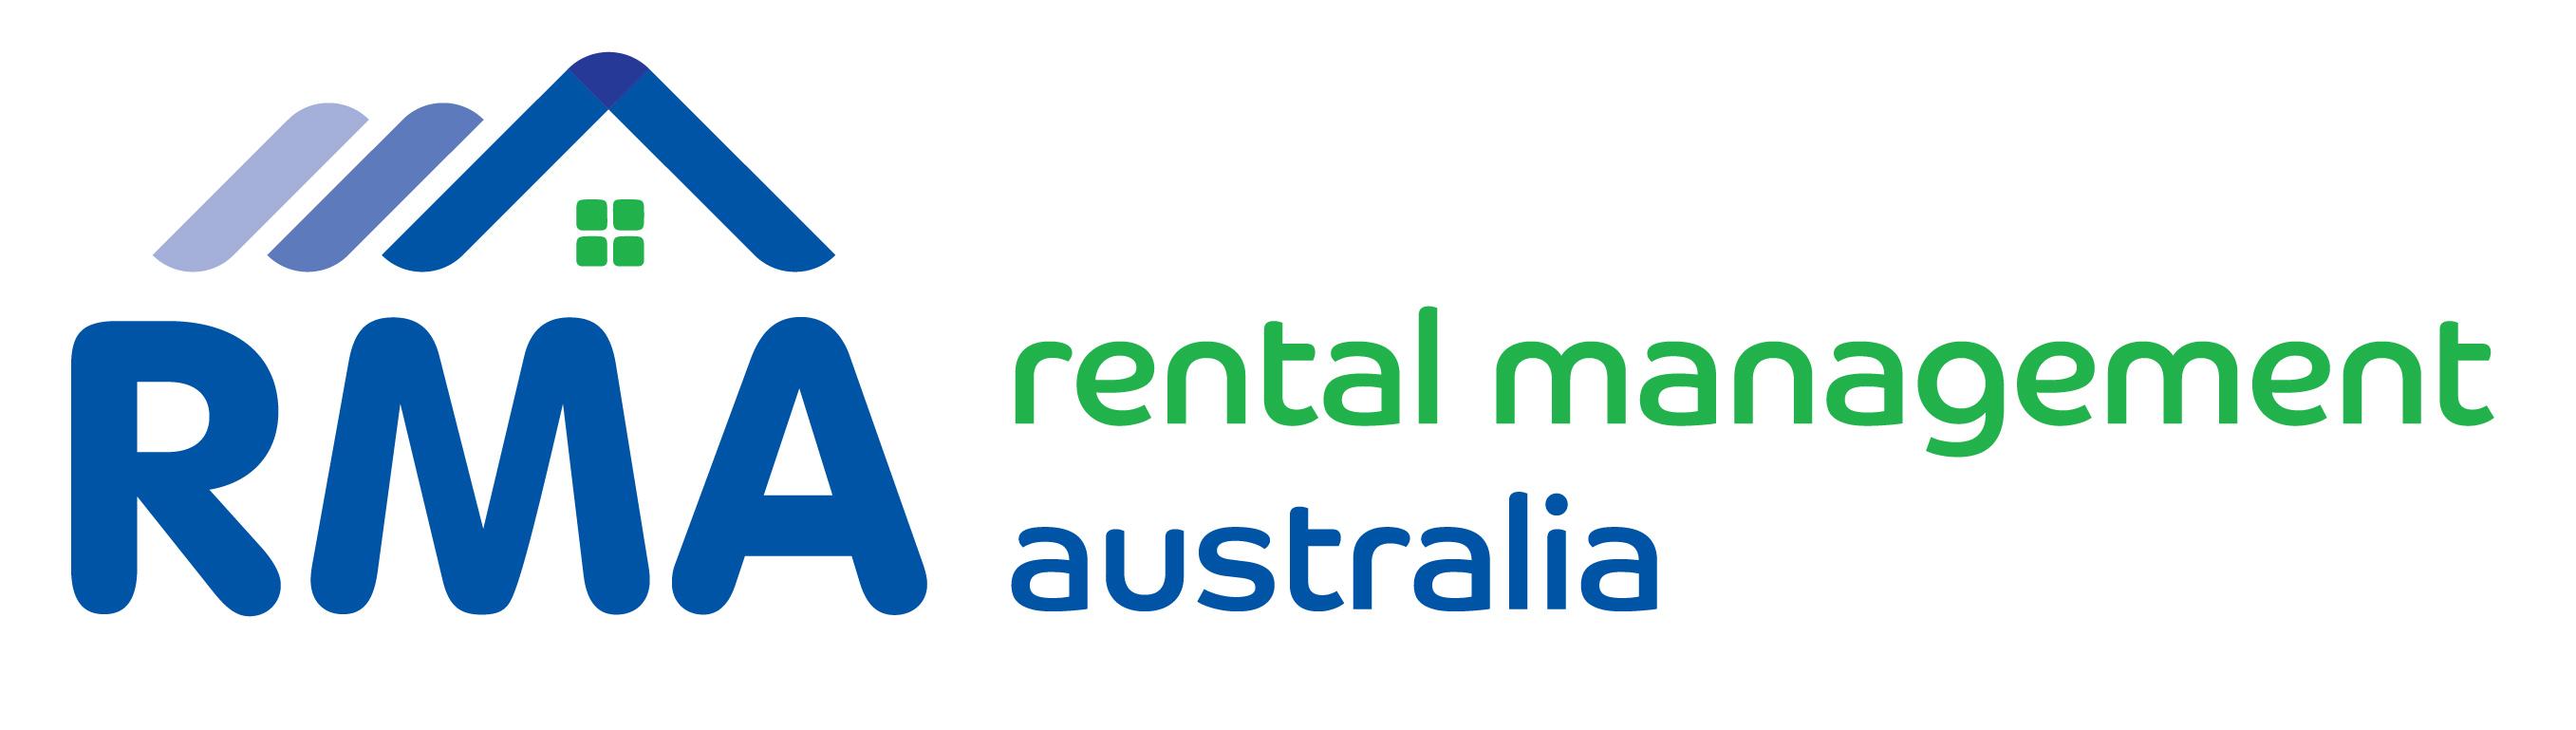 Rental Management Australia - East Victoria Park, East Victoria Park, 6101